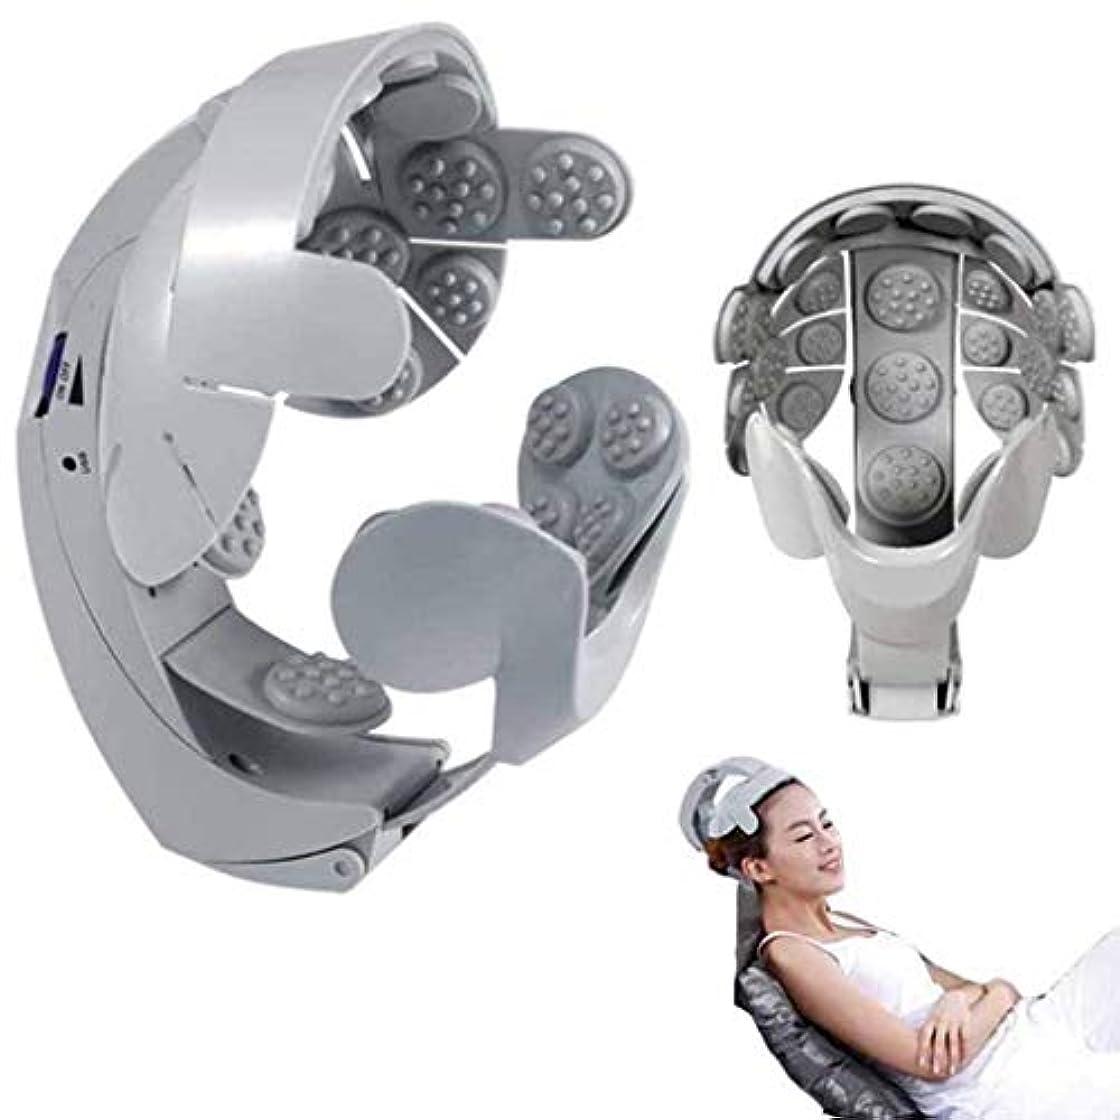 ディスカウント死の顎レシピ電気ヘッドマッサージャー、8調整可能なヘルメット頭皮鍼治療のポイント、ユーザーフレンドリーなデザイン、脳マッサージは簡単です